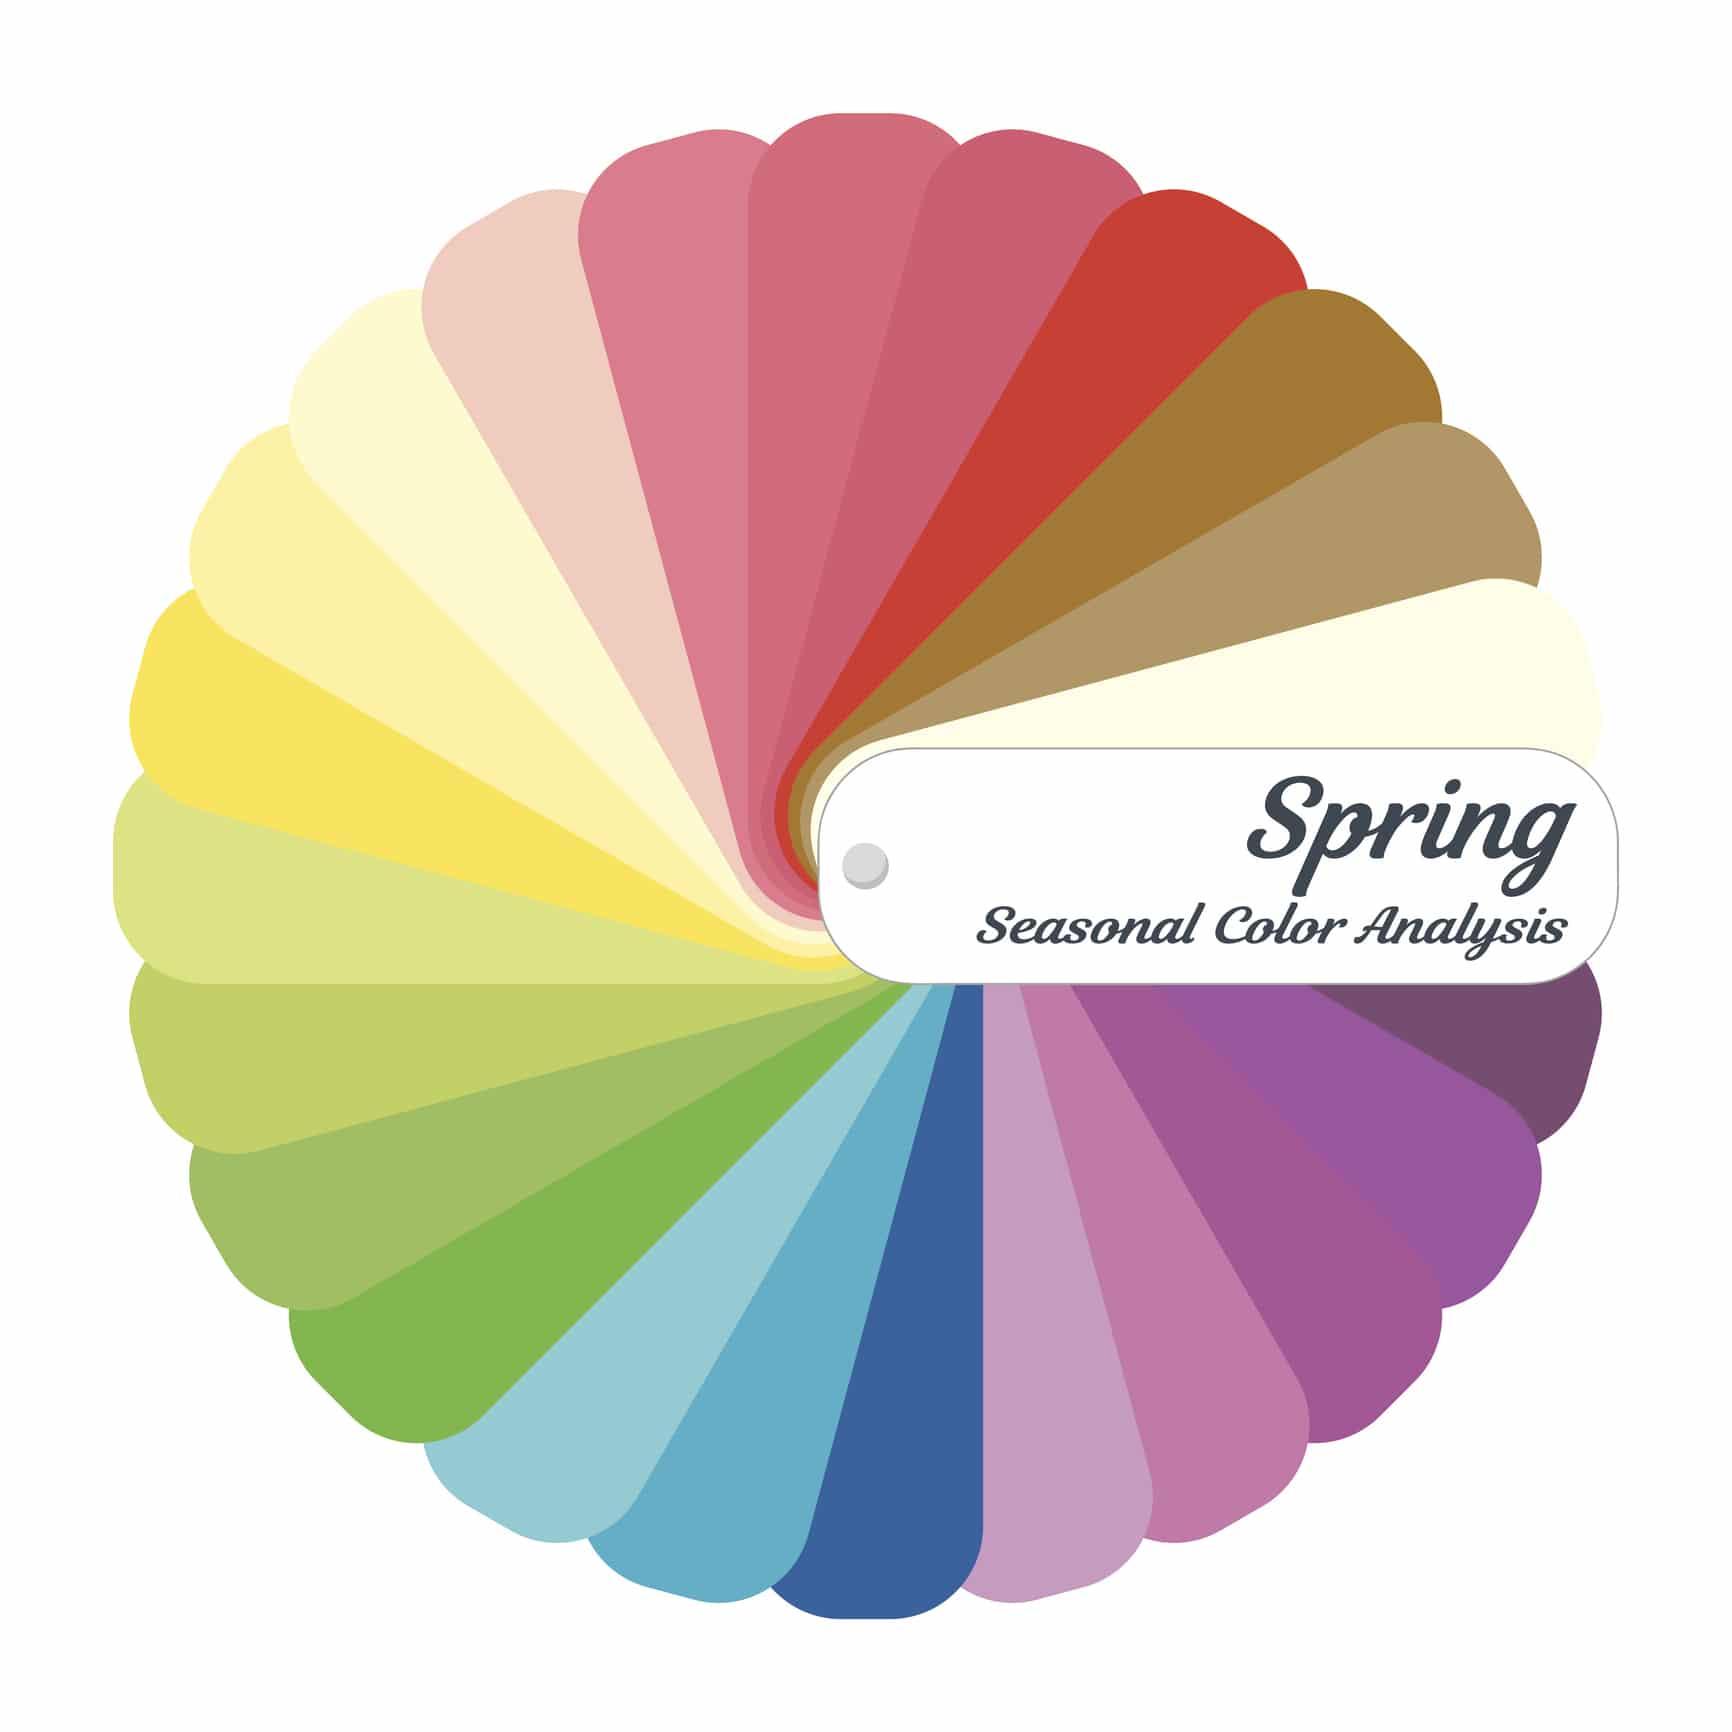 Tavaszi színtípus jellemzői